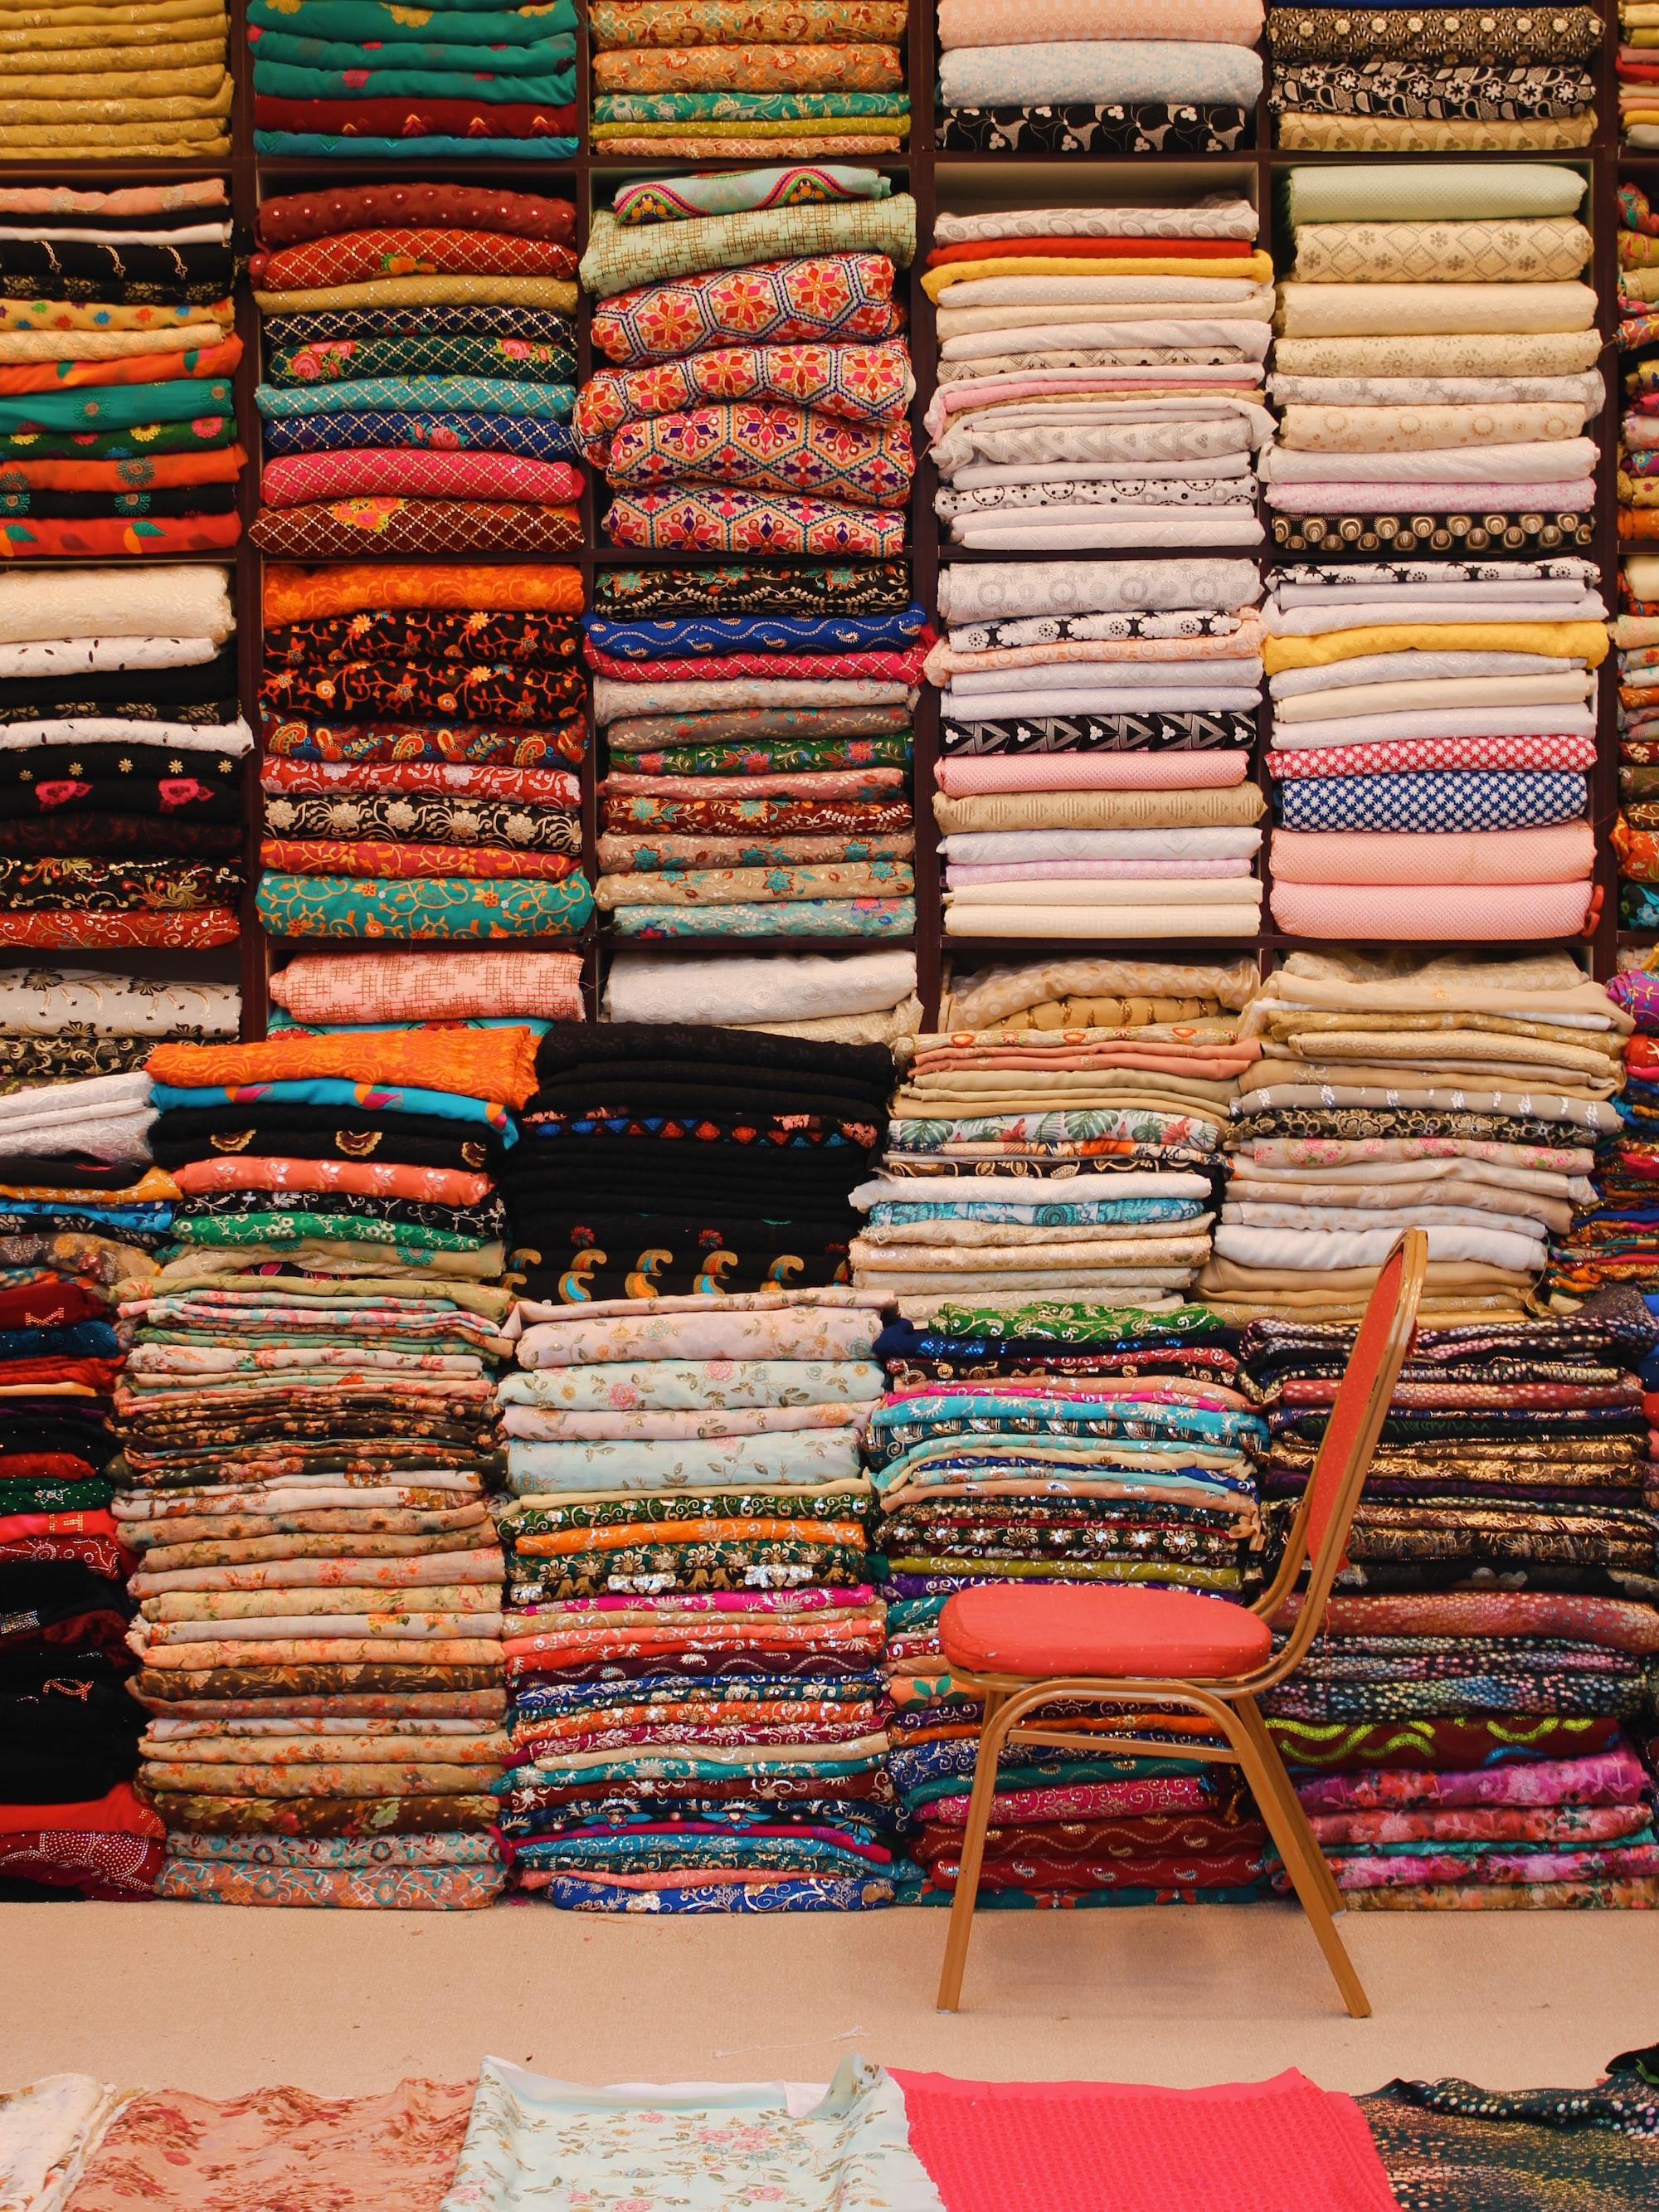 Folded fabric in an open market of Dubai, UAE